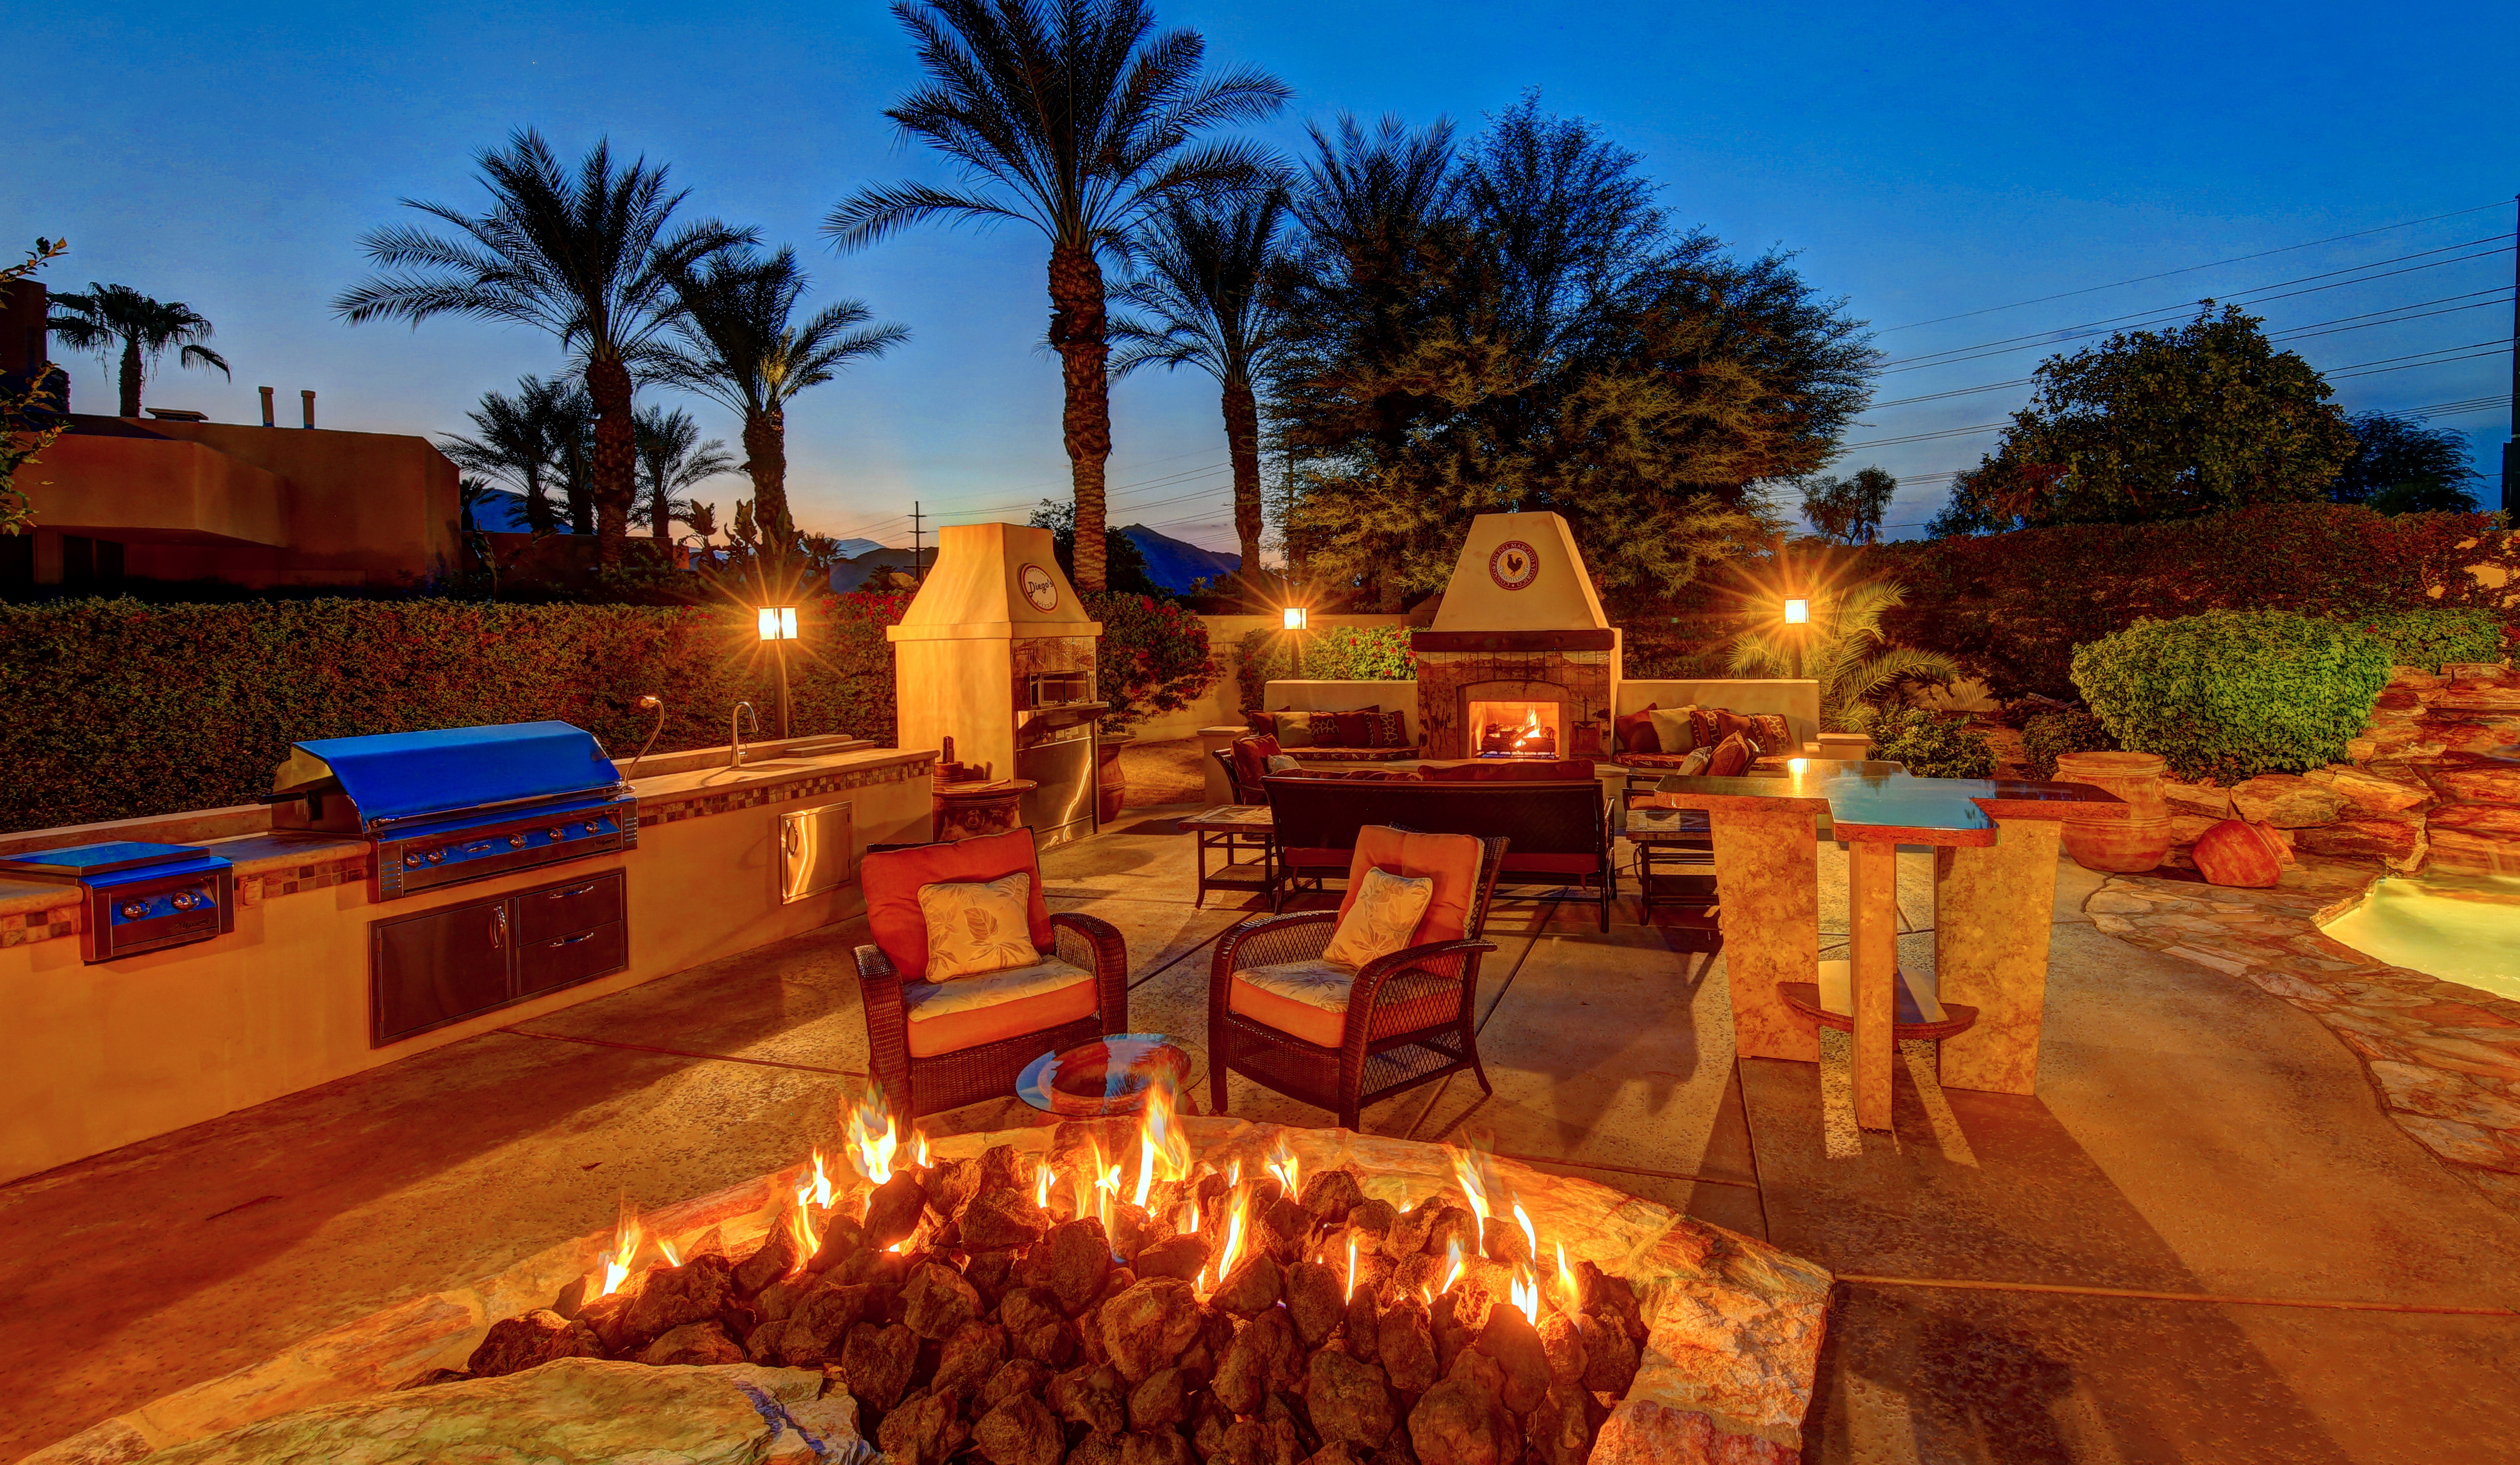 Desert real estate news for Dreamhomes com